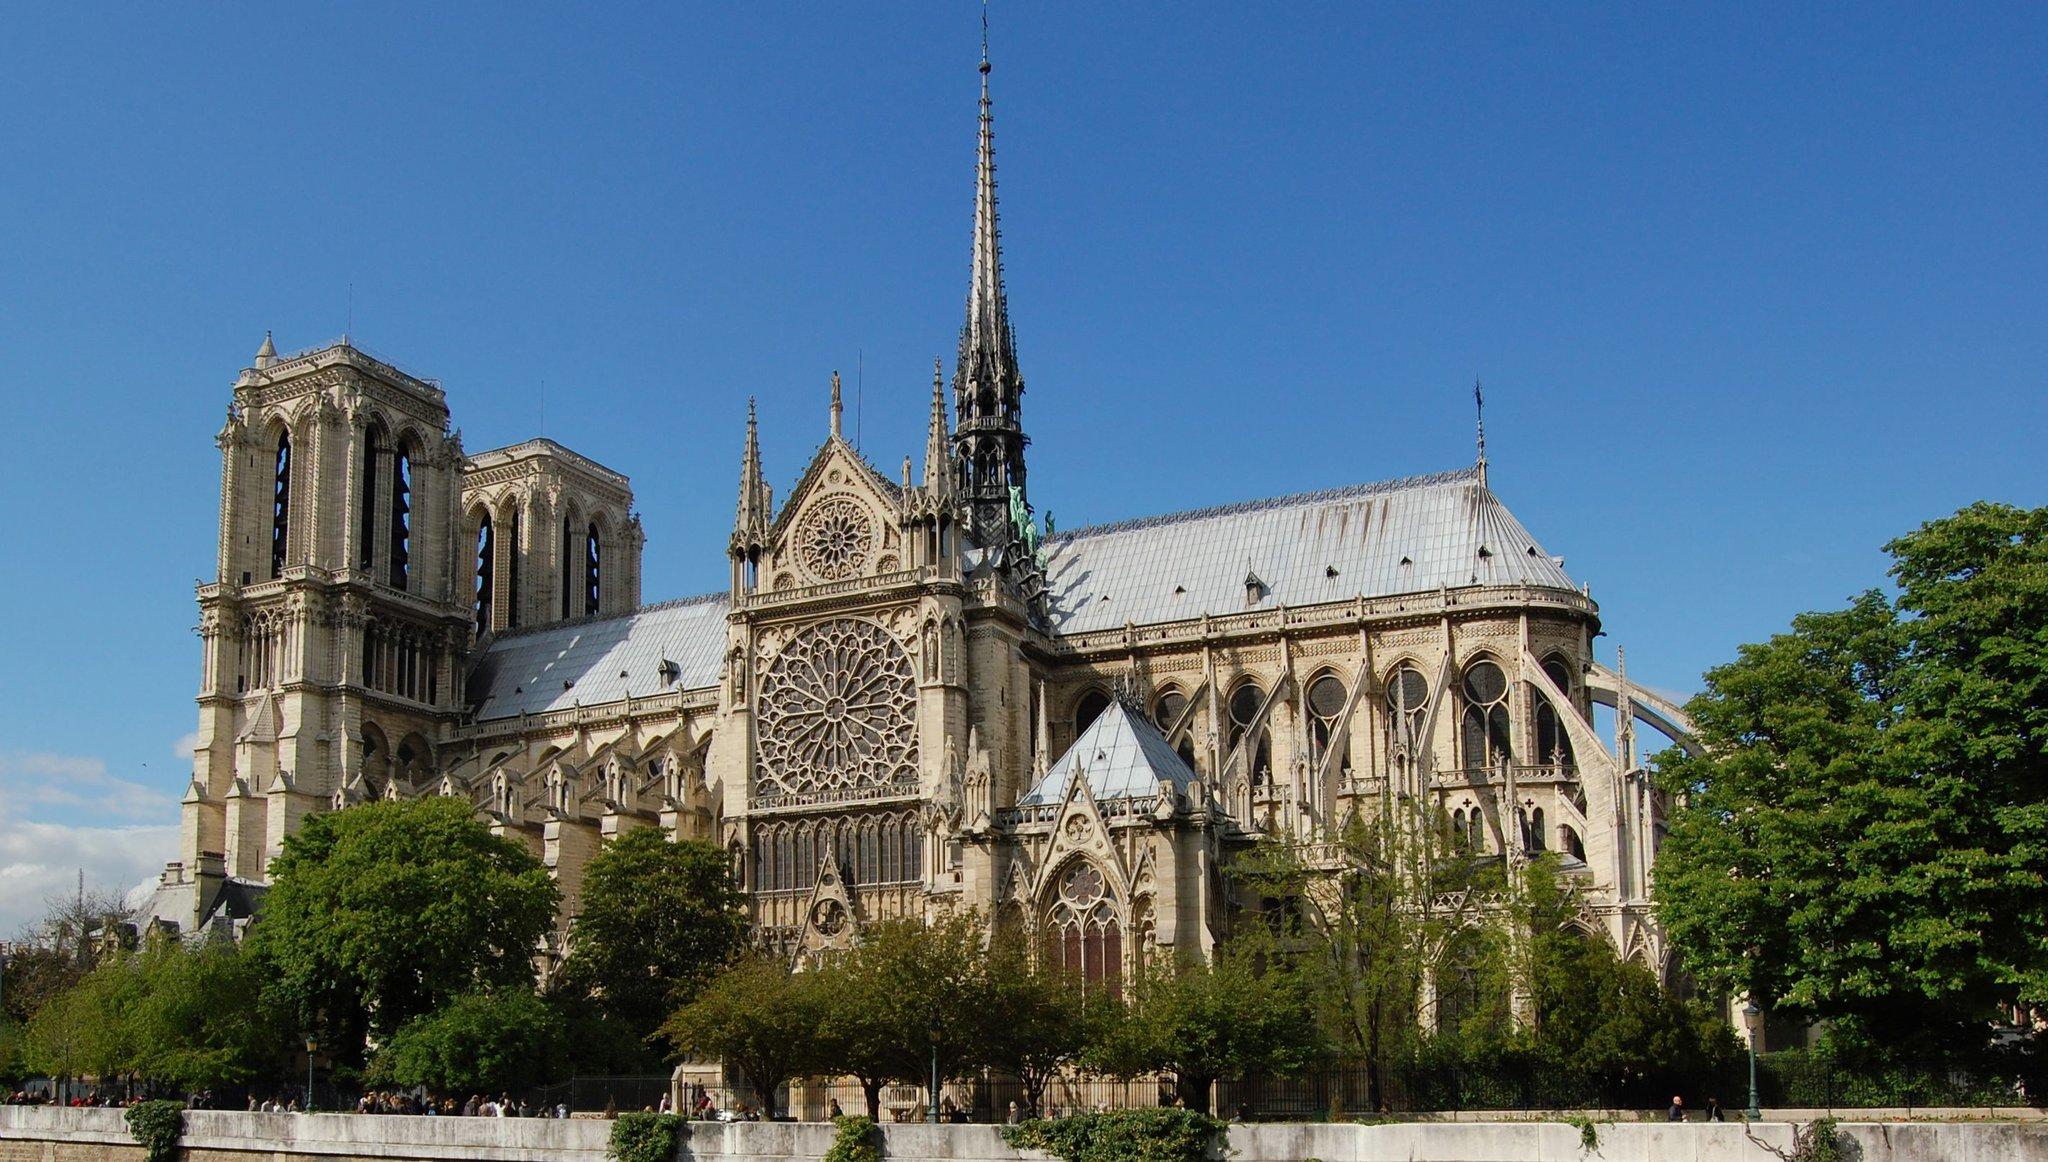 Południowa fasada katedry Notre Dame wParyżu Południowa fasada katedry Notre Dame wParyżu Źródło: Zuffe, licencja: CC BY-SA 3.0.